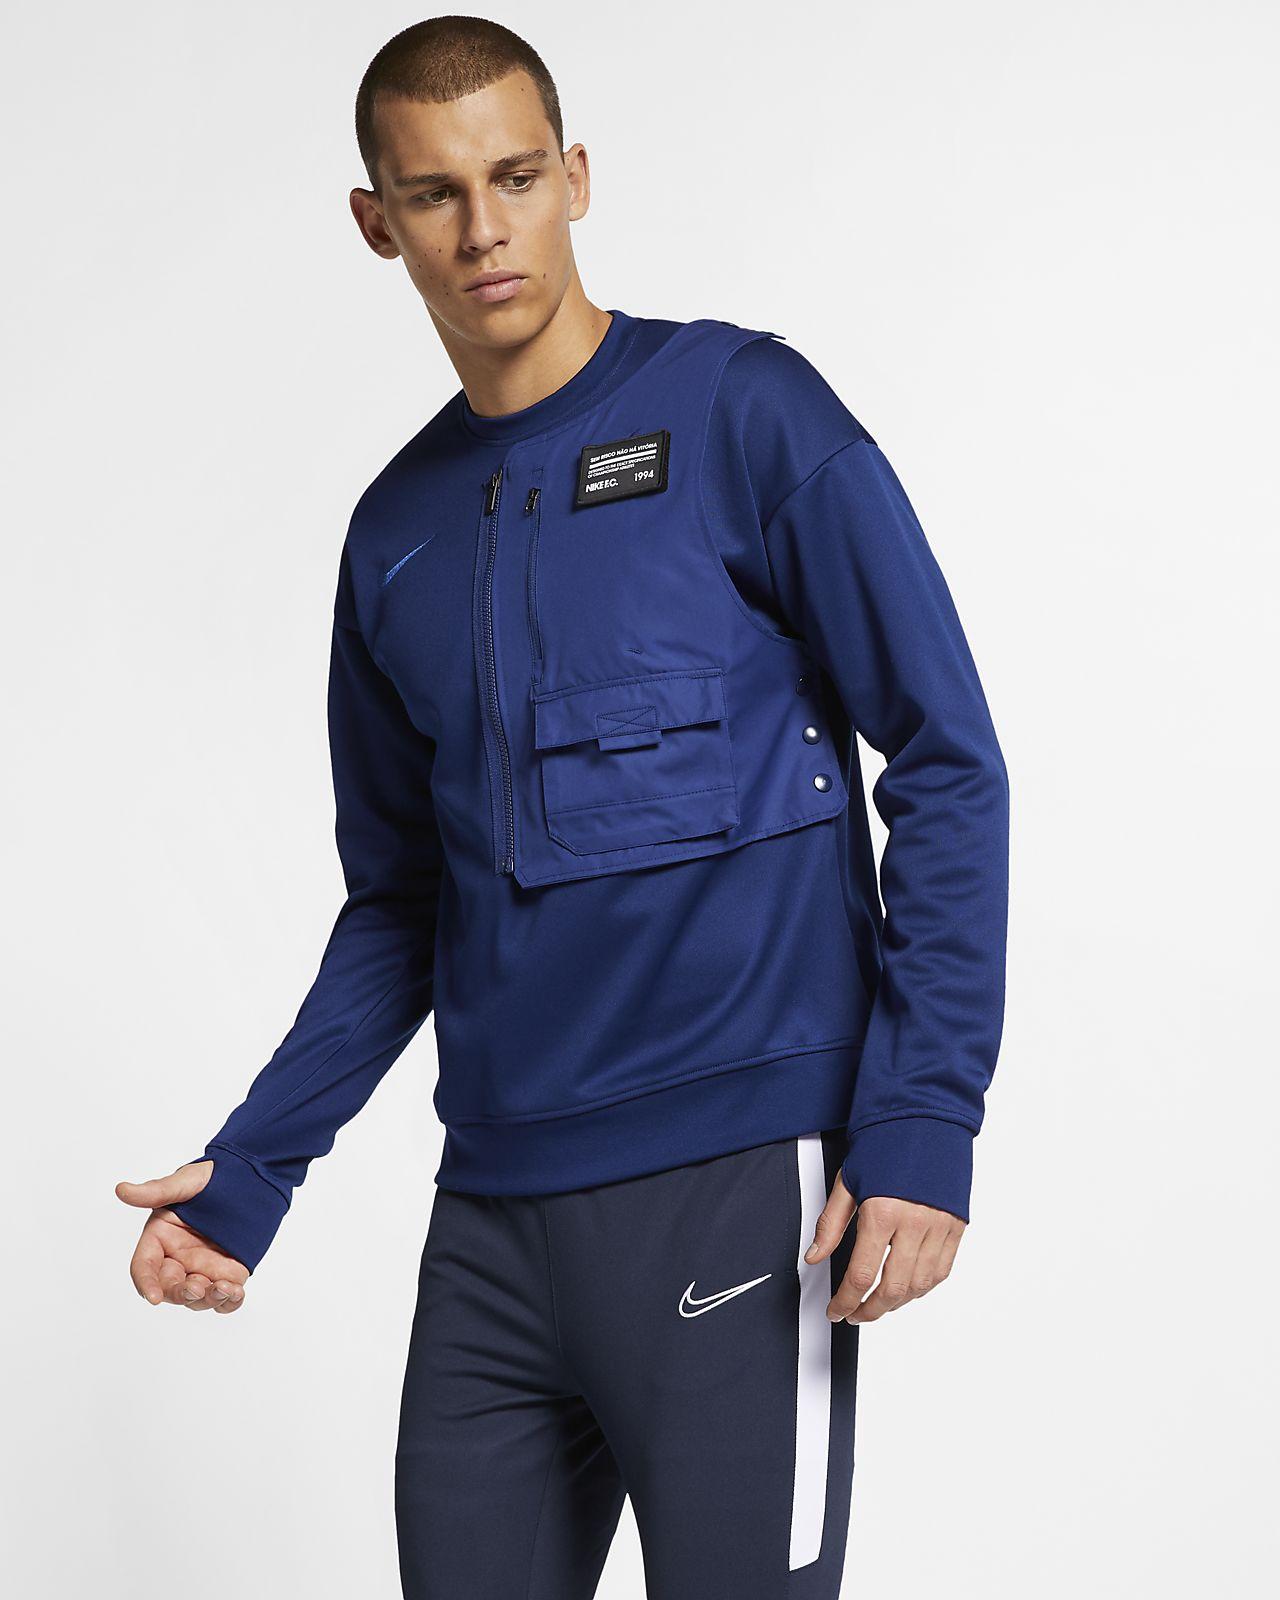 Nike F.C. Dessuadora de futbol - Home